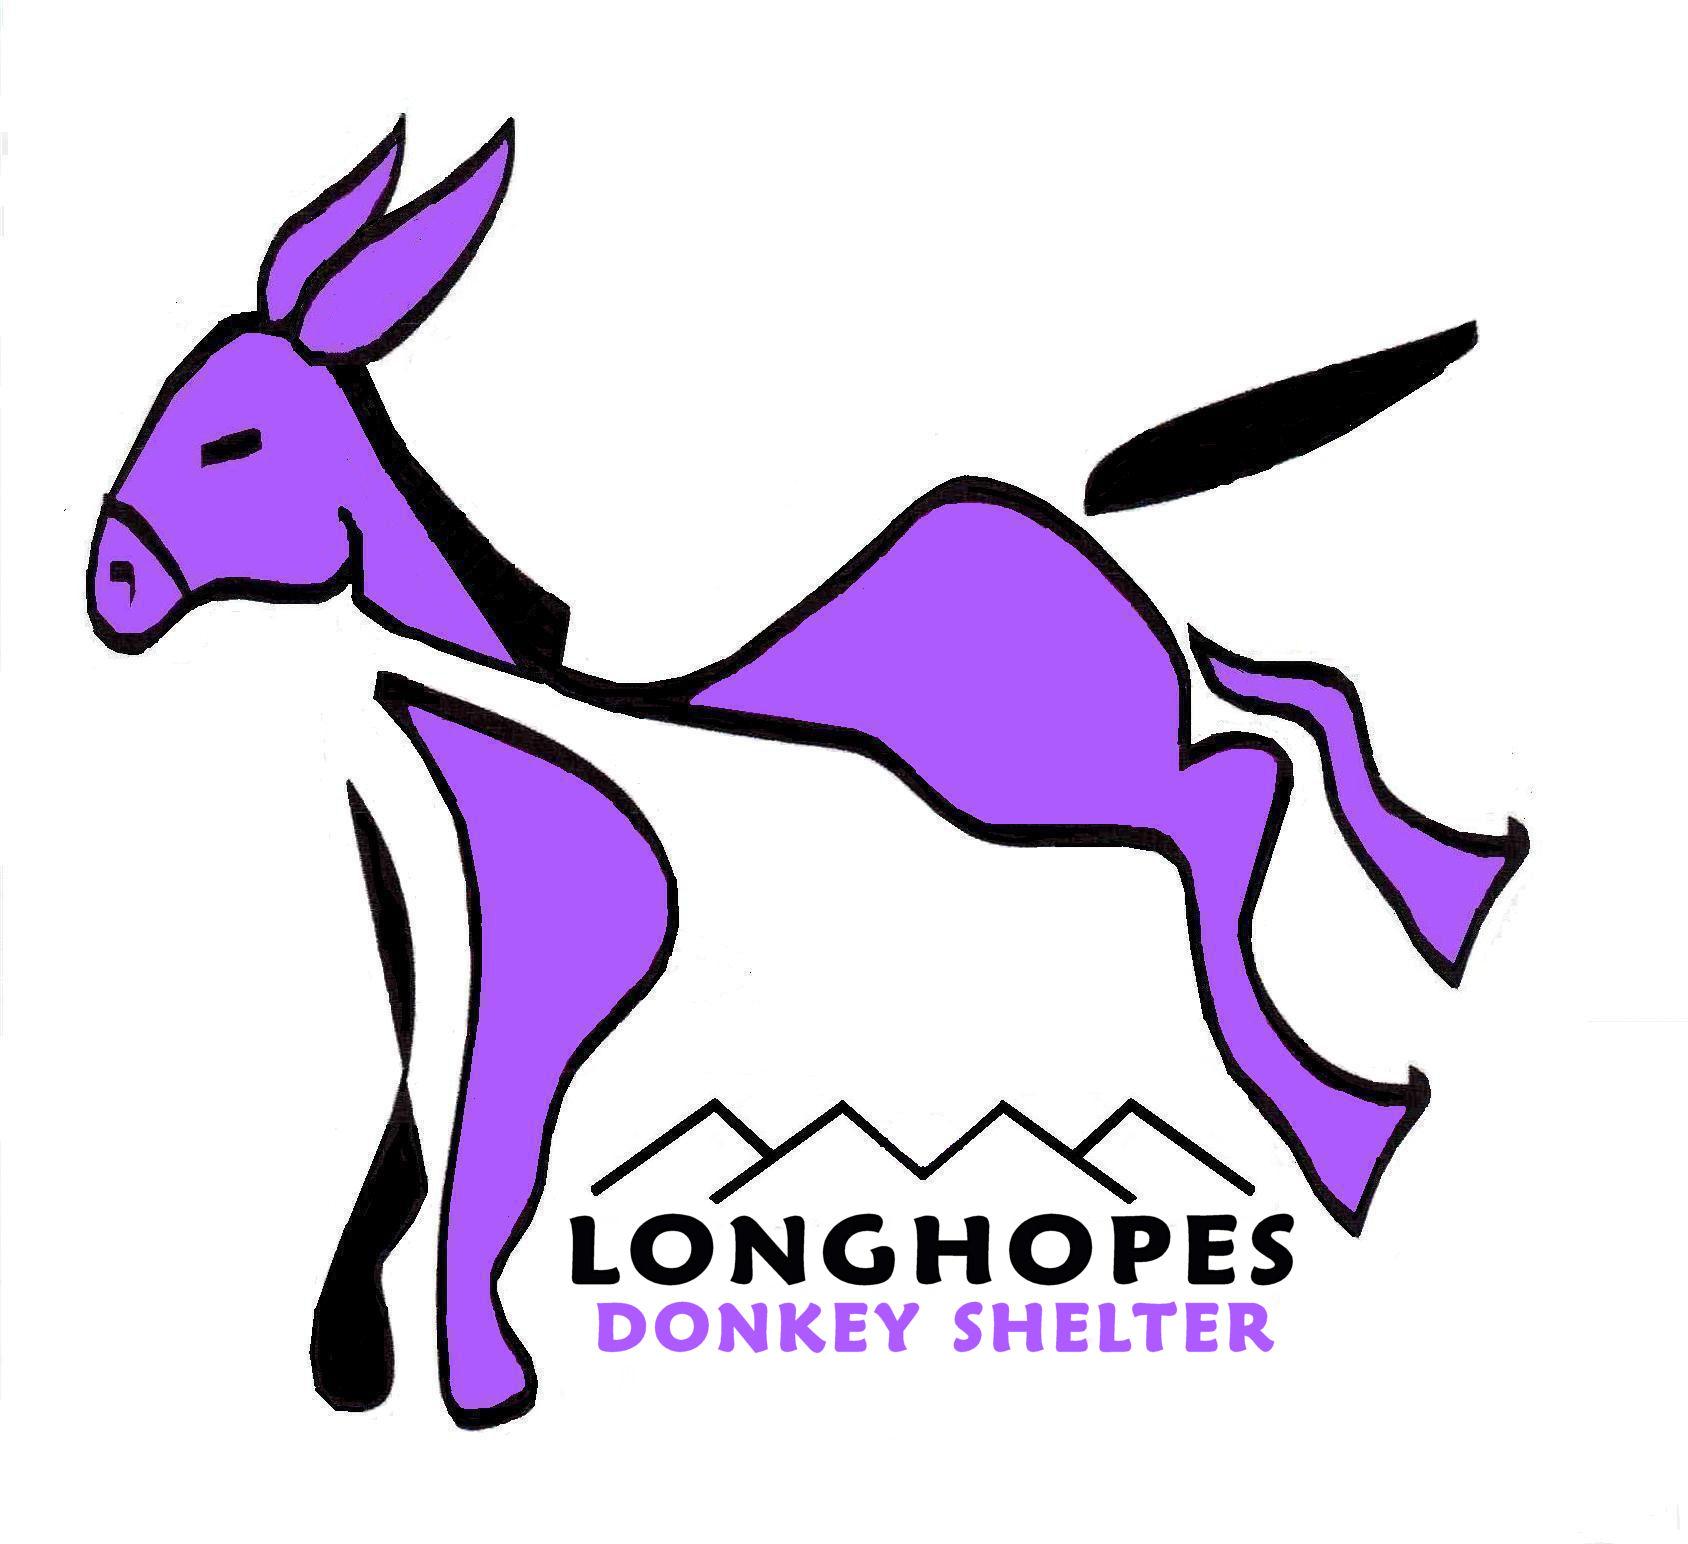 Longhopes logo